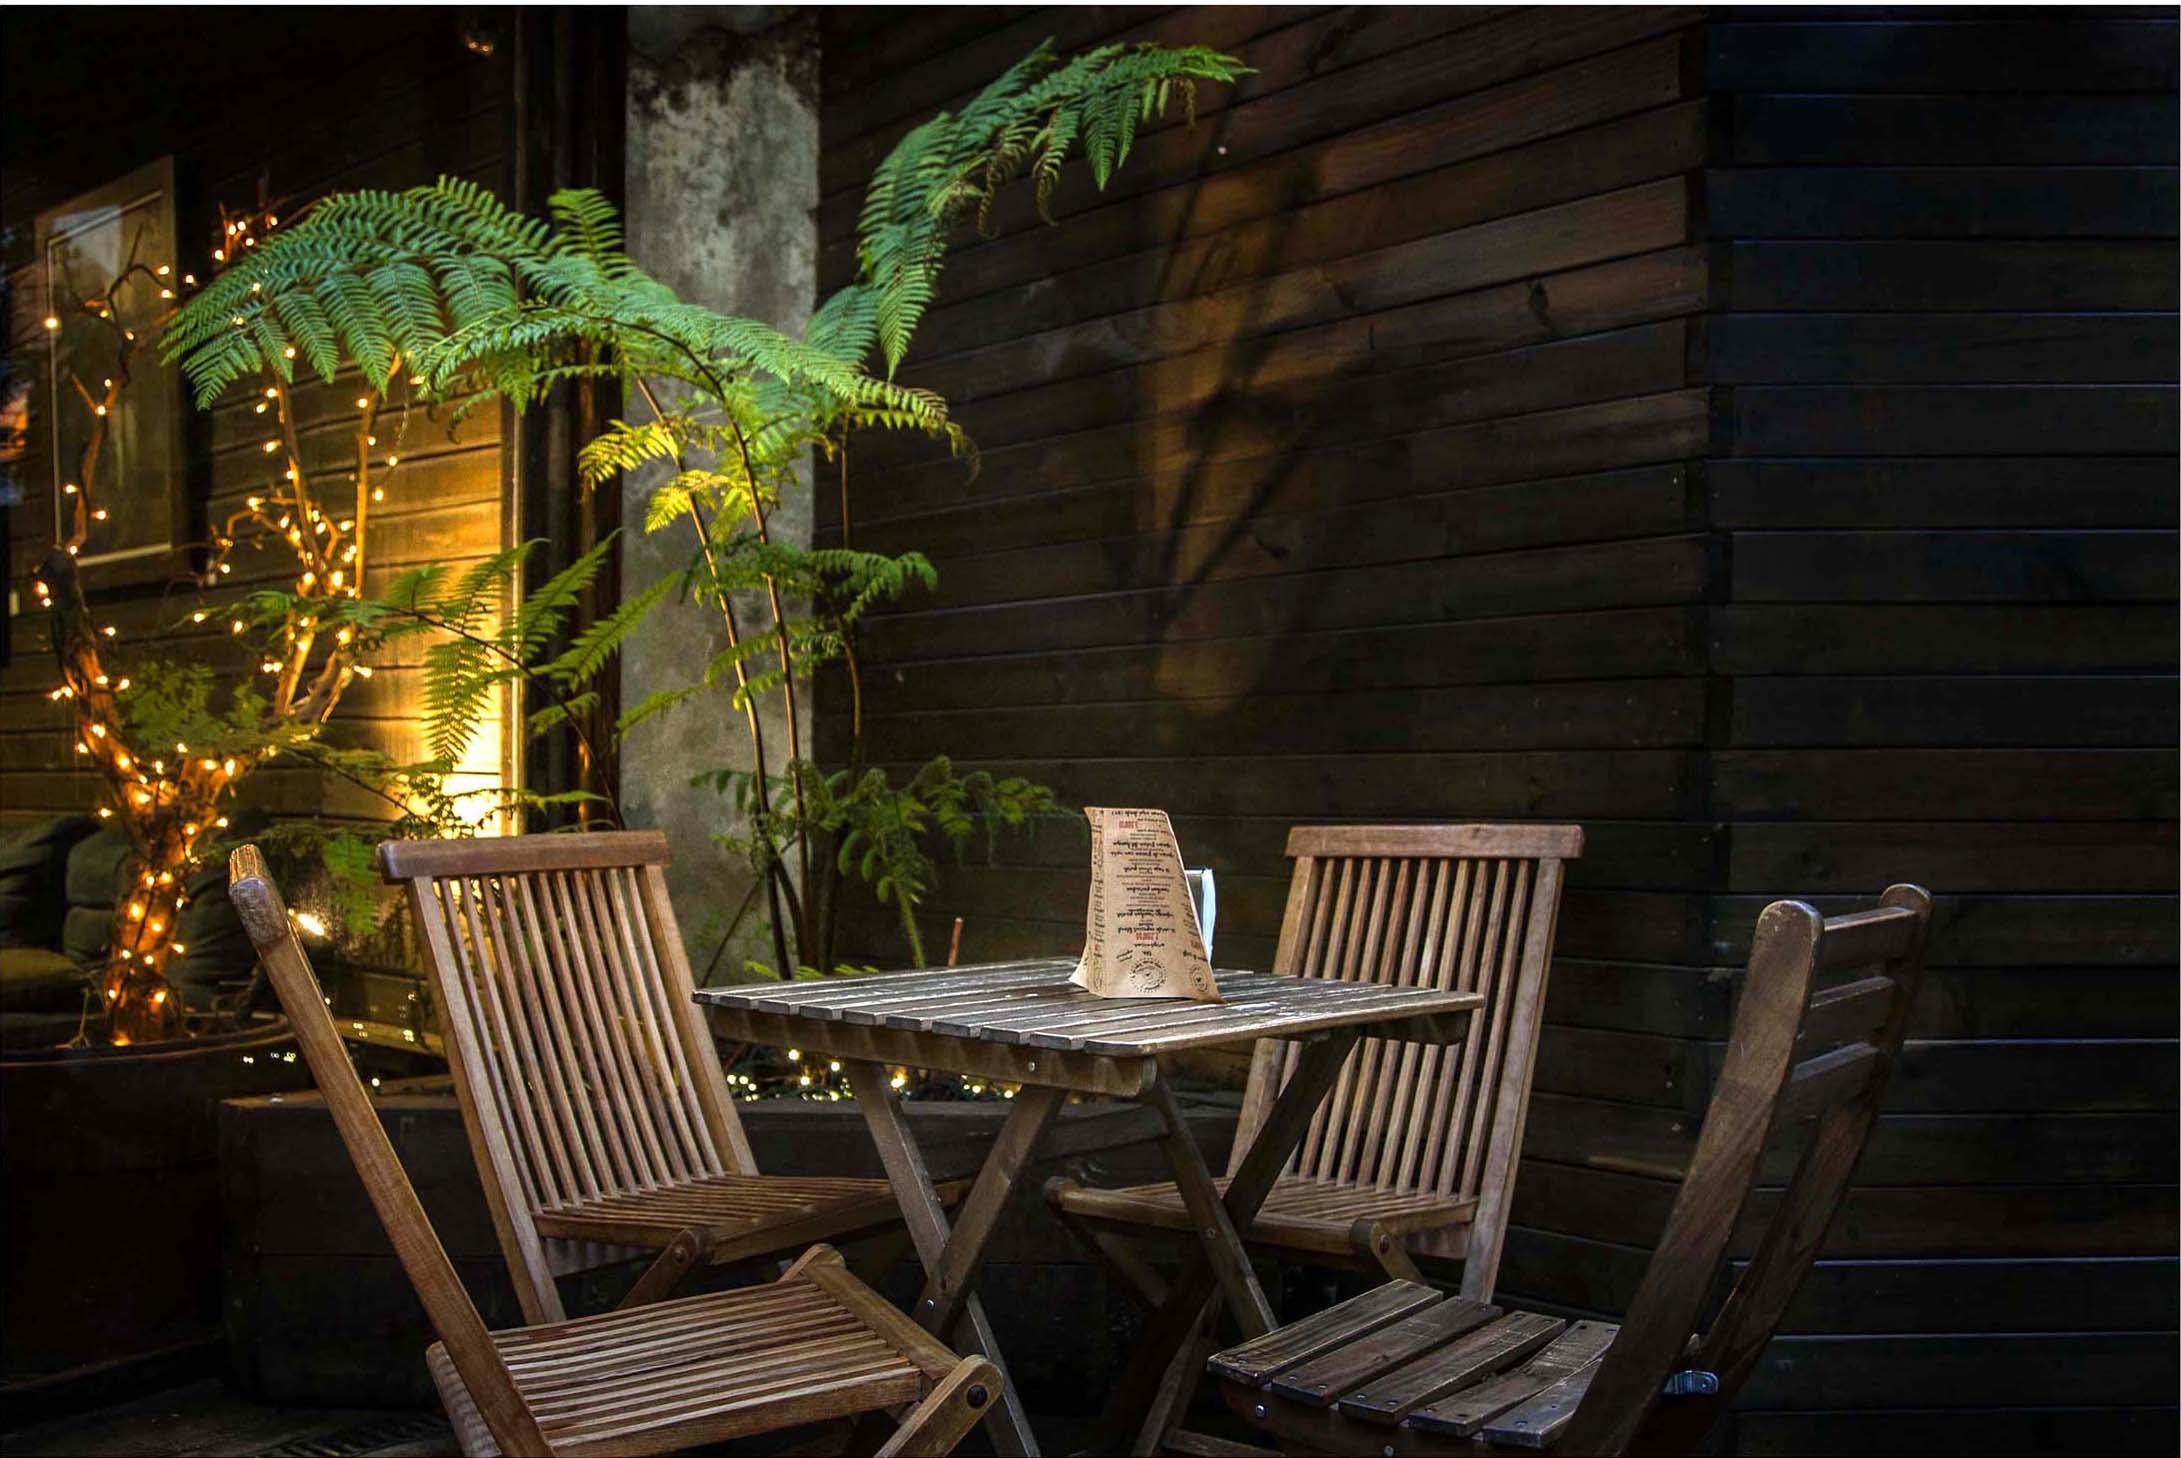 Estilo vintage retro r stico bares cafes delikatissen - Decoracion de interiores de bares ...